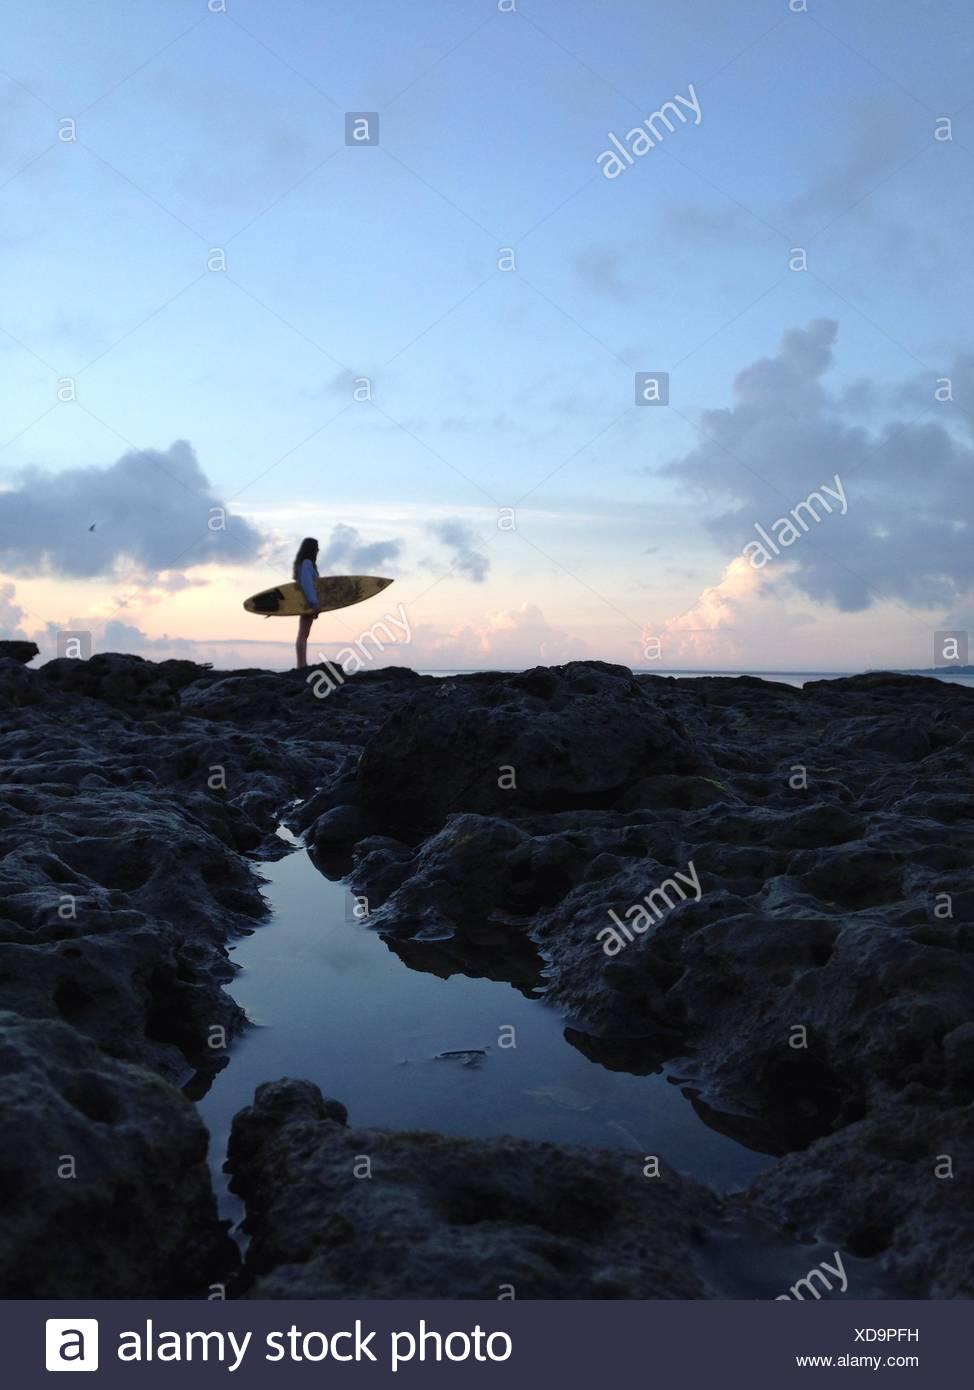 Stati Uniti d'America, Florida, Duval County, Jacksonville Beach, vista laterale della donna tenendo la tavola da surf in spiaggia Immagini Stock